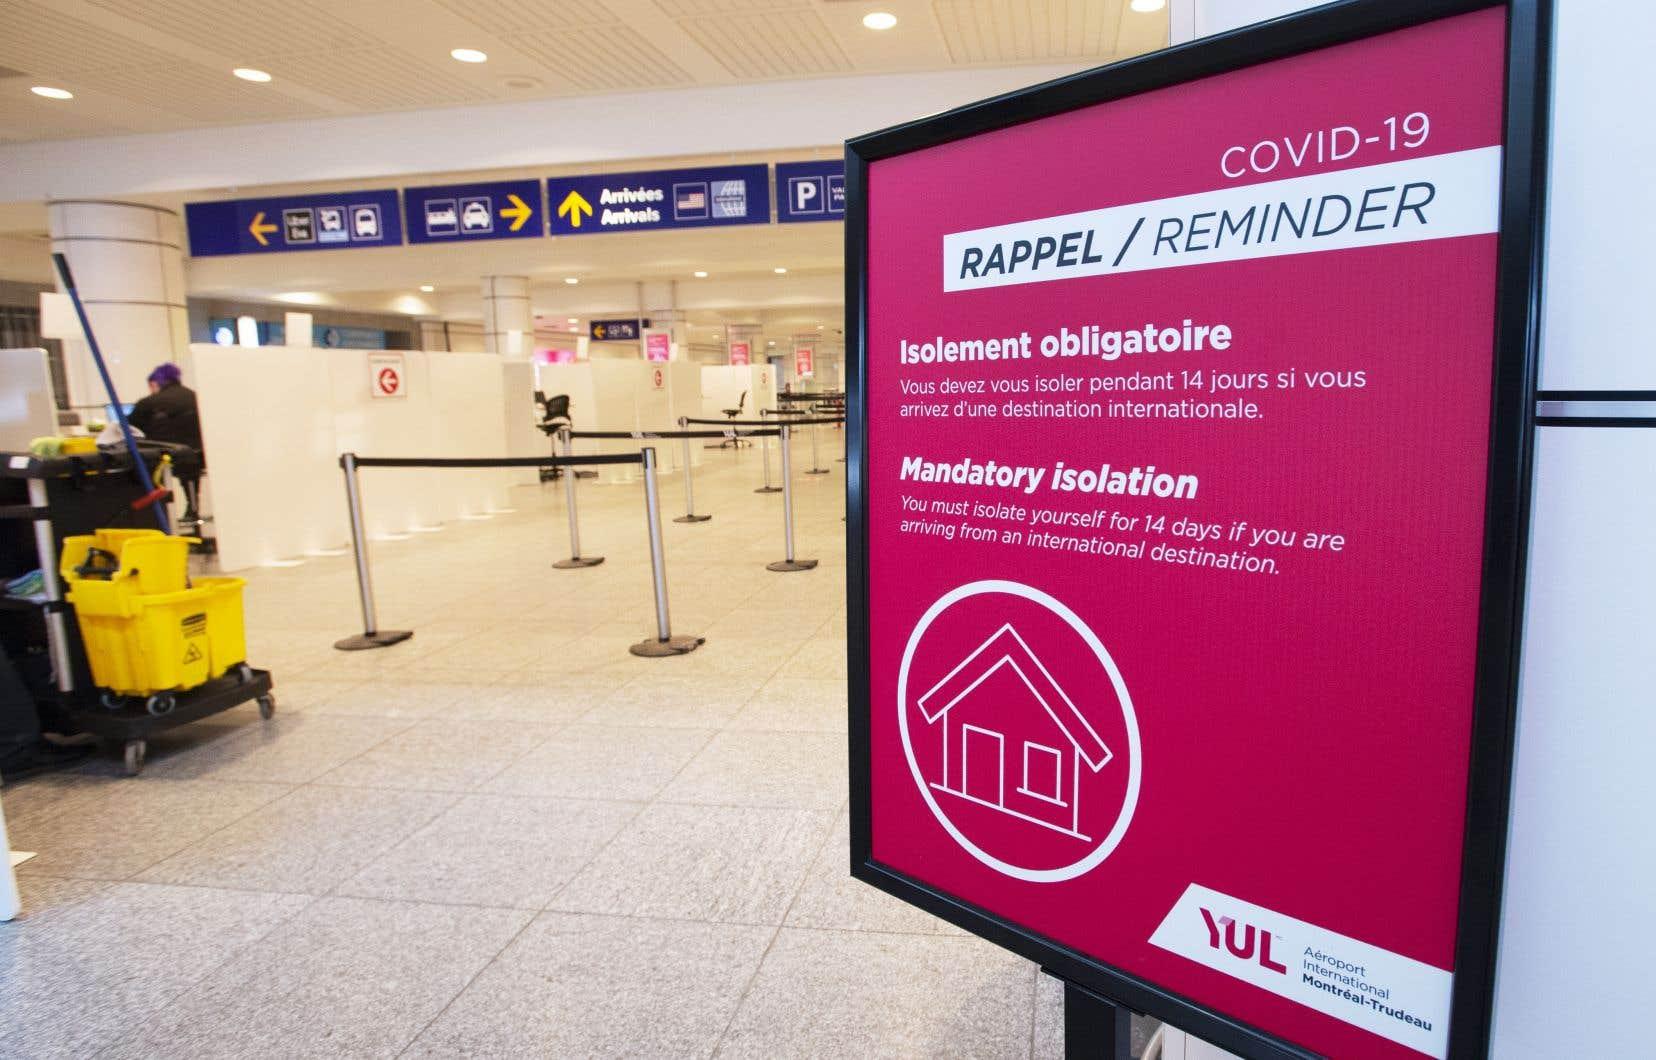 Lundi avant-midi, à l'aéroport Montréal-Trudeau, on croisait très peu de voyageurs. Tous devront s'isoler pendant trois jours dans un hôtel désigné, à leurs frais, en attendant les résultats d'un test de dépistage passé à leur arrivée.